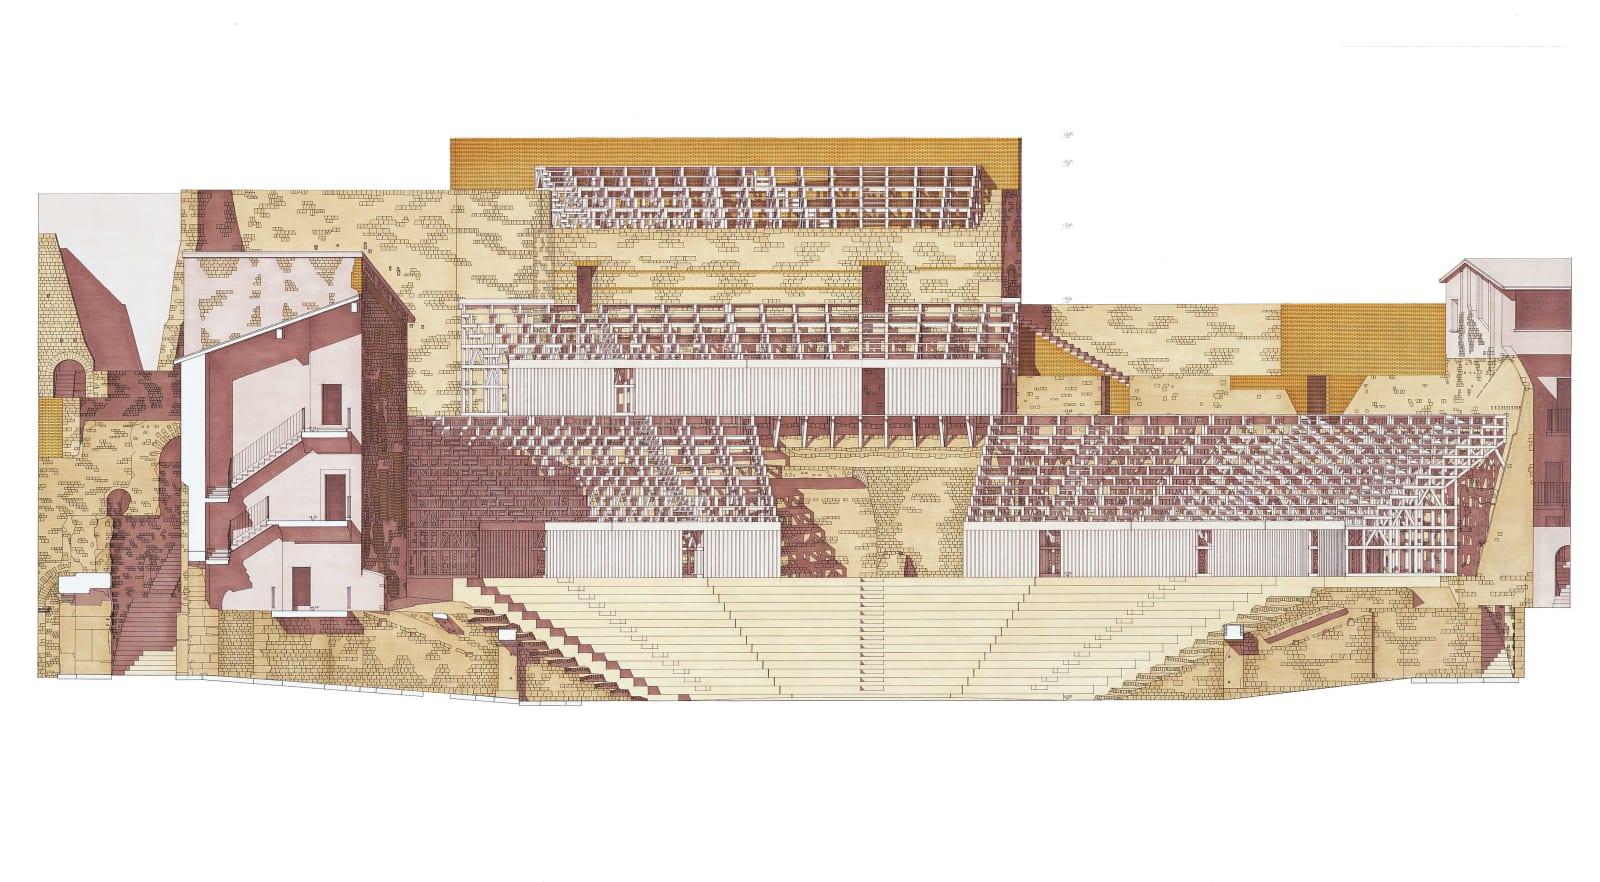 Giorgio Grassi · Progetto di restituzione e riabilitazione del teatro romano di Brescia